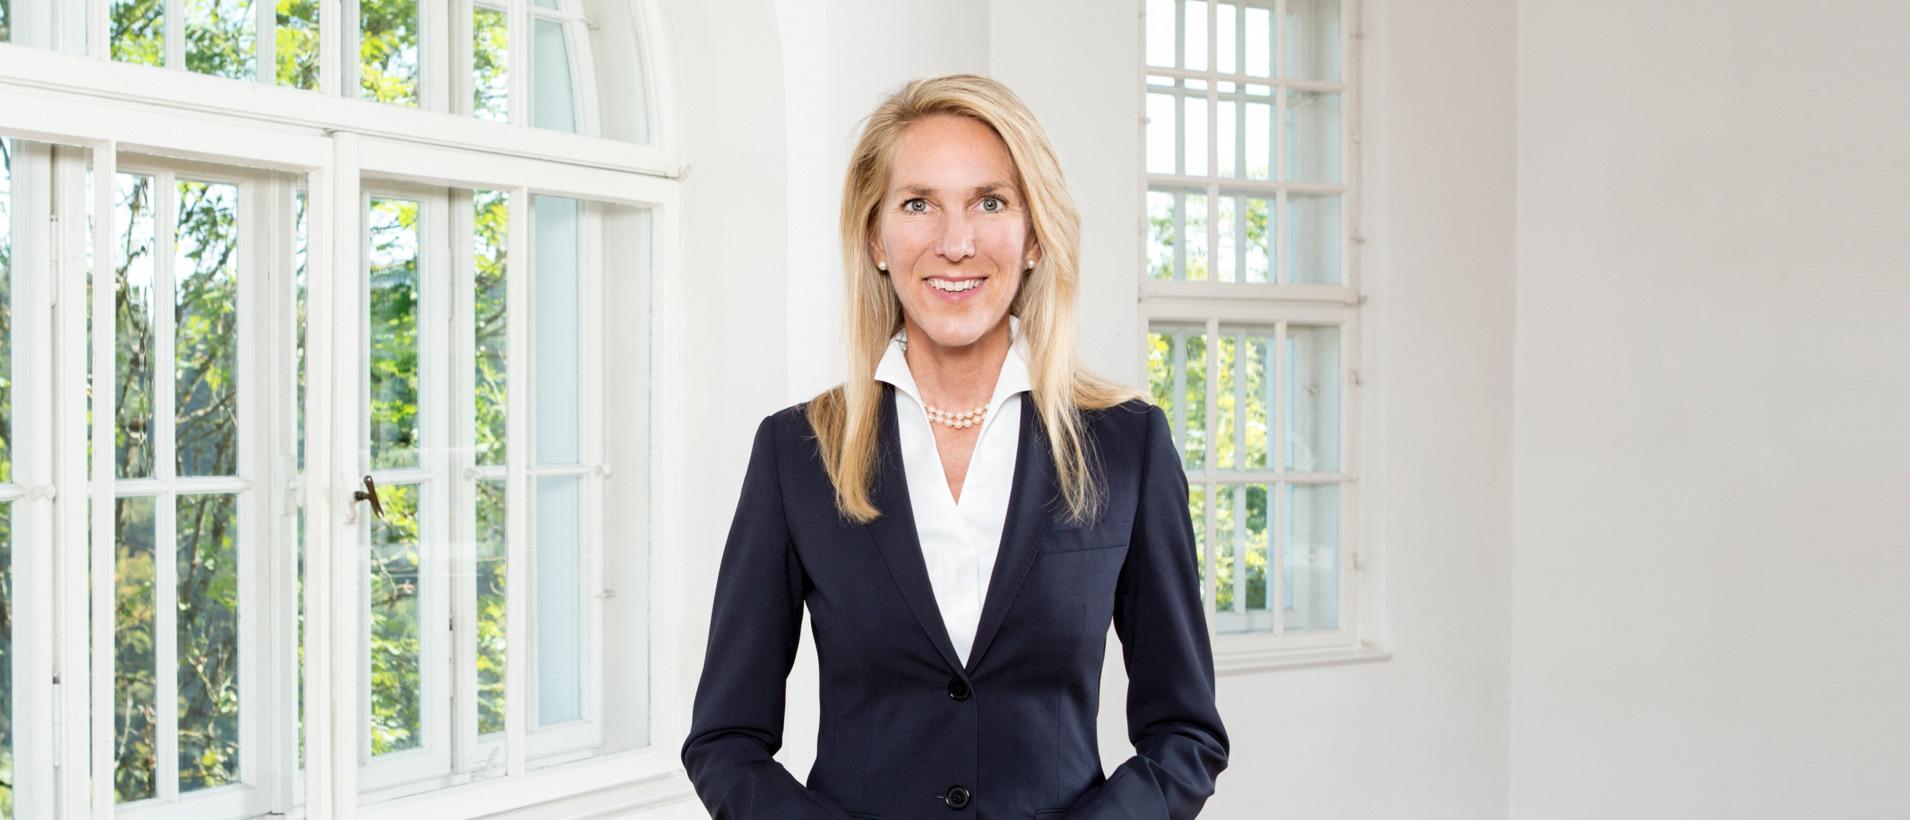 Rechtsanwältin Dr Katharina v. Arland-Graf